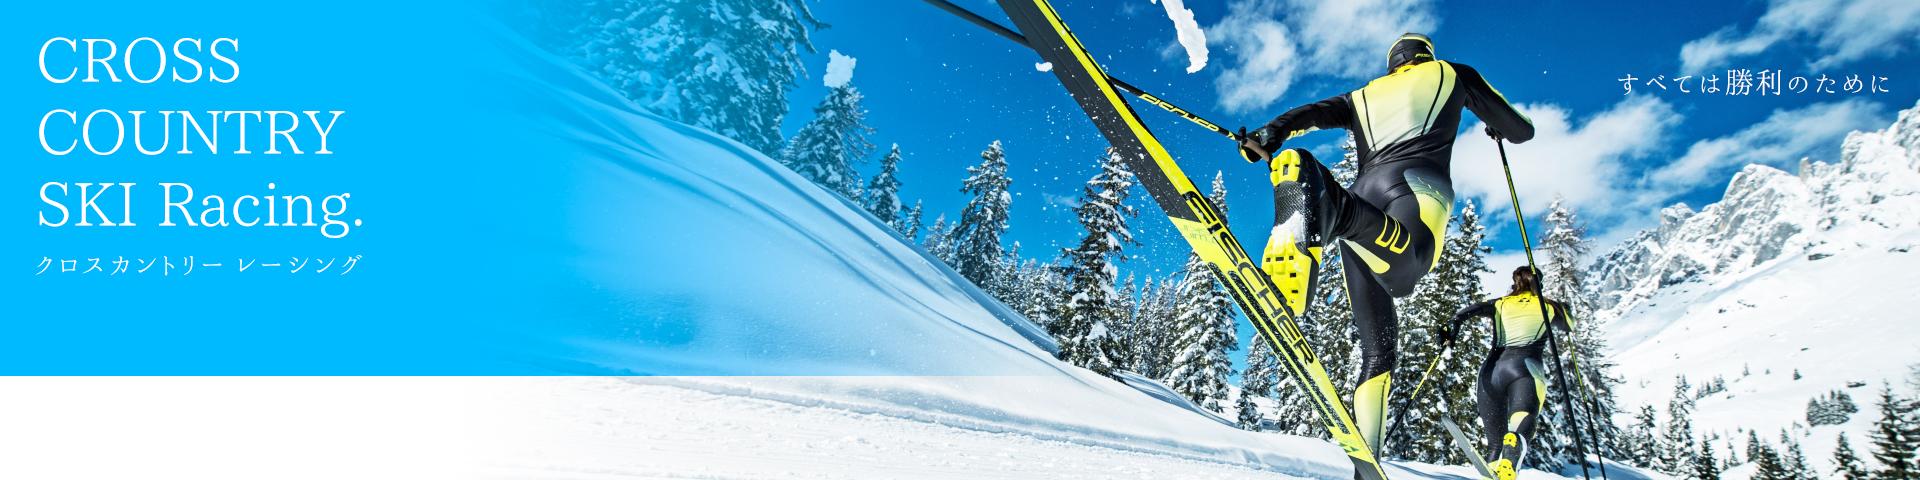 チューンナップ スキー